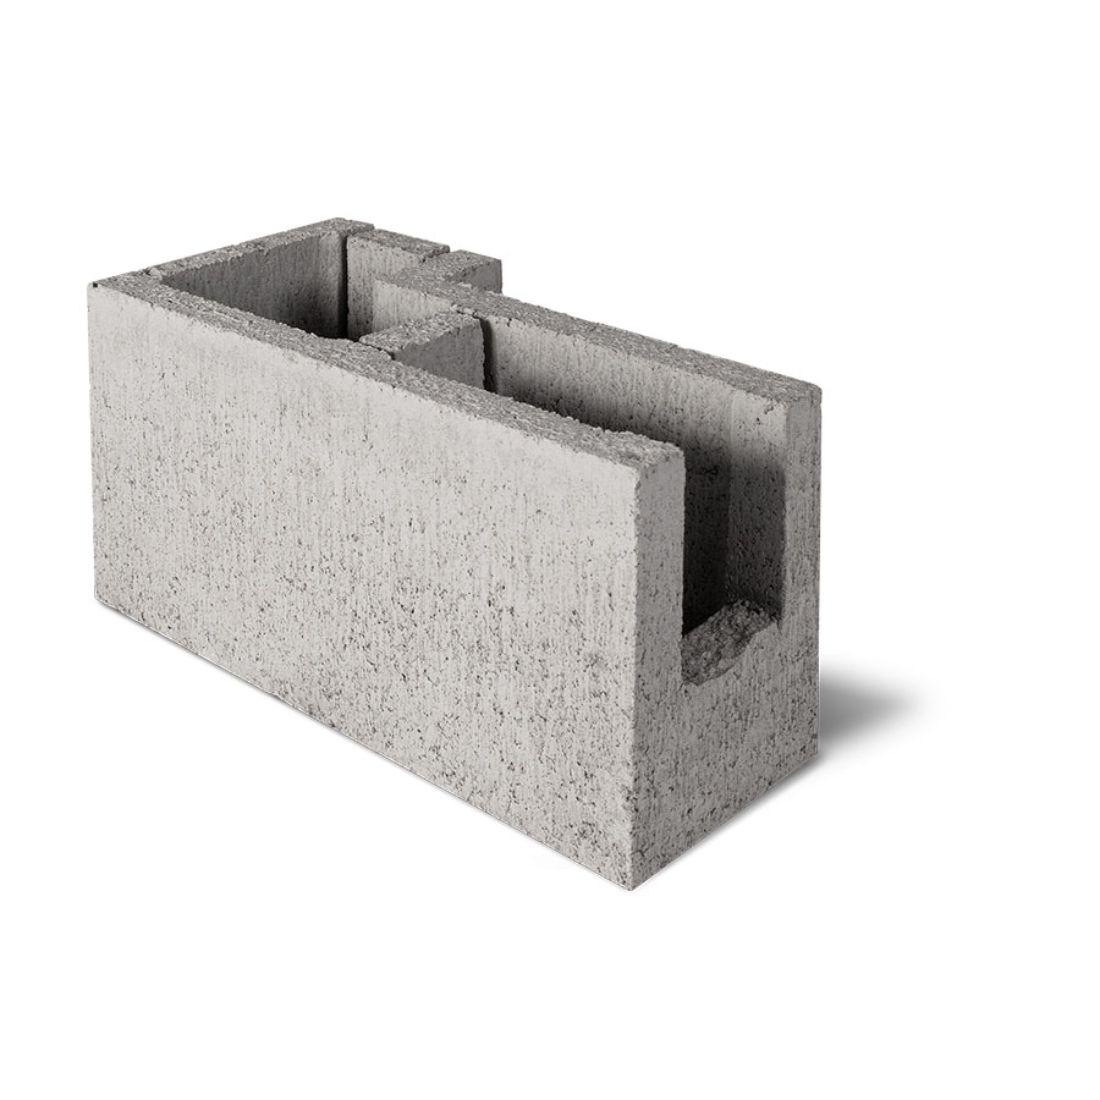 15.15R Corner R Bond Beam Block